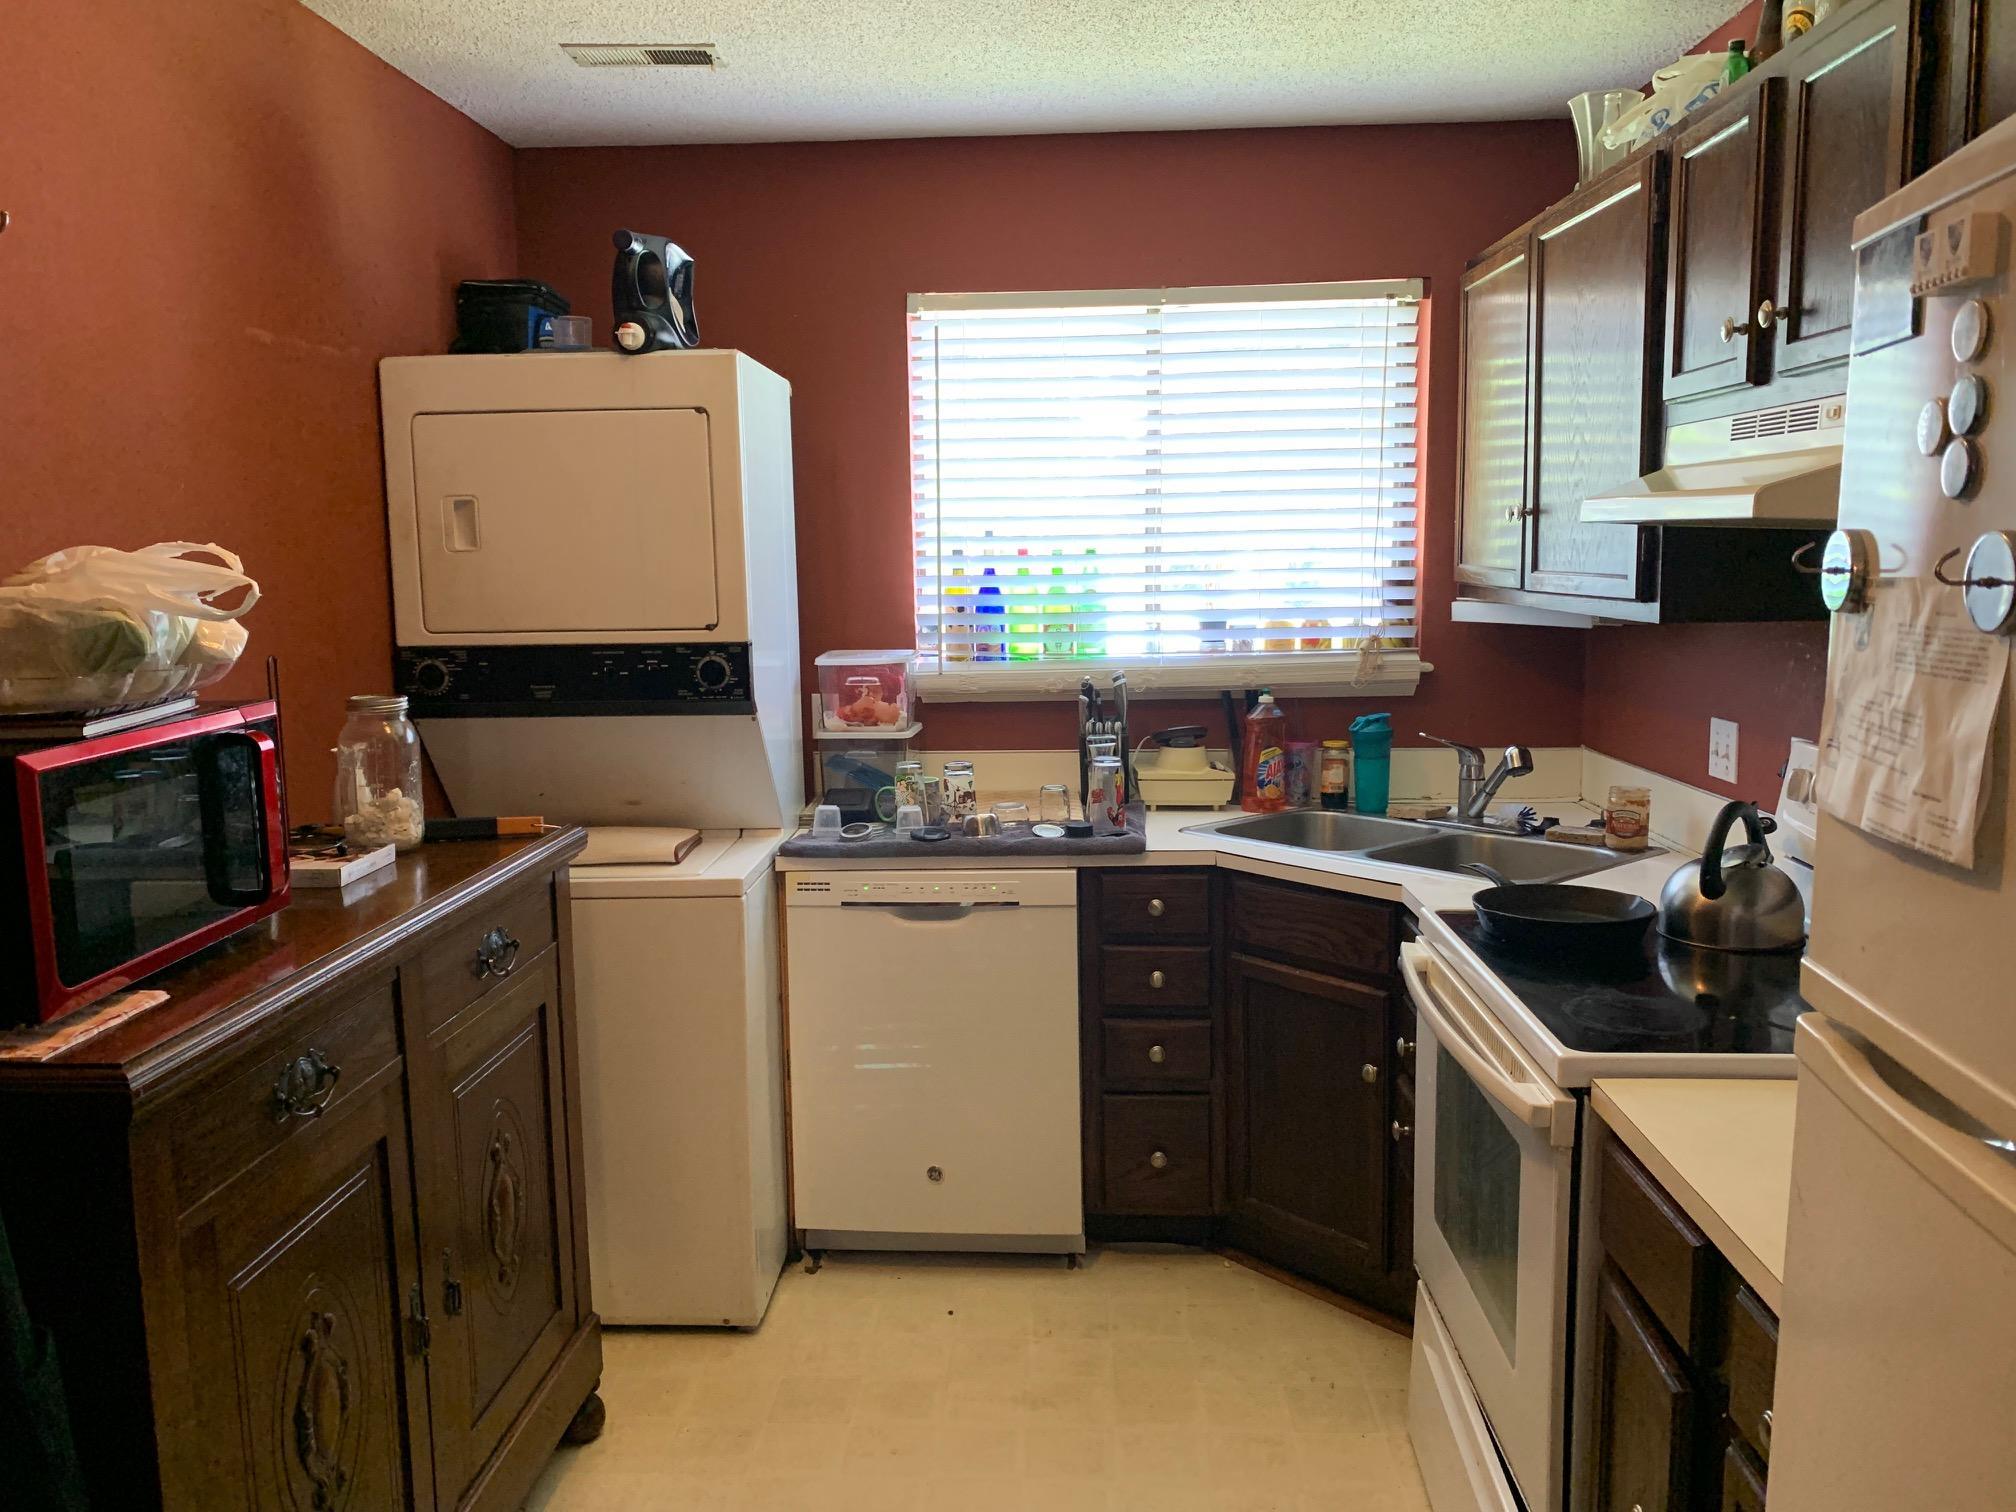 Dorchester Square Homes For Sale - 4344 Great Oak, North Charleston, SC - 5